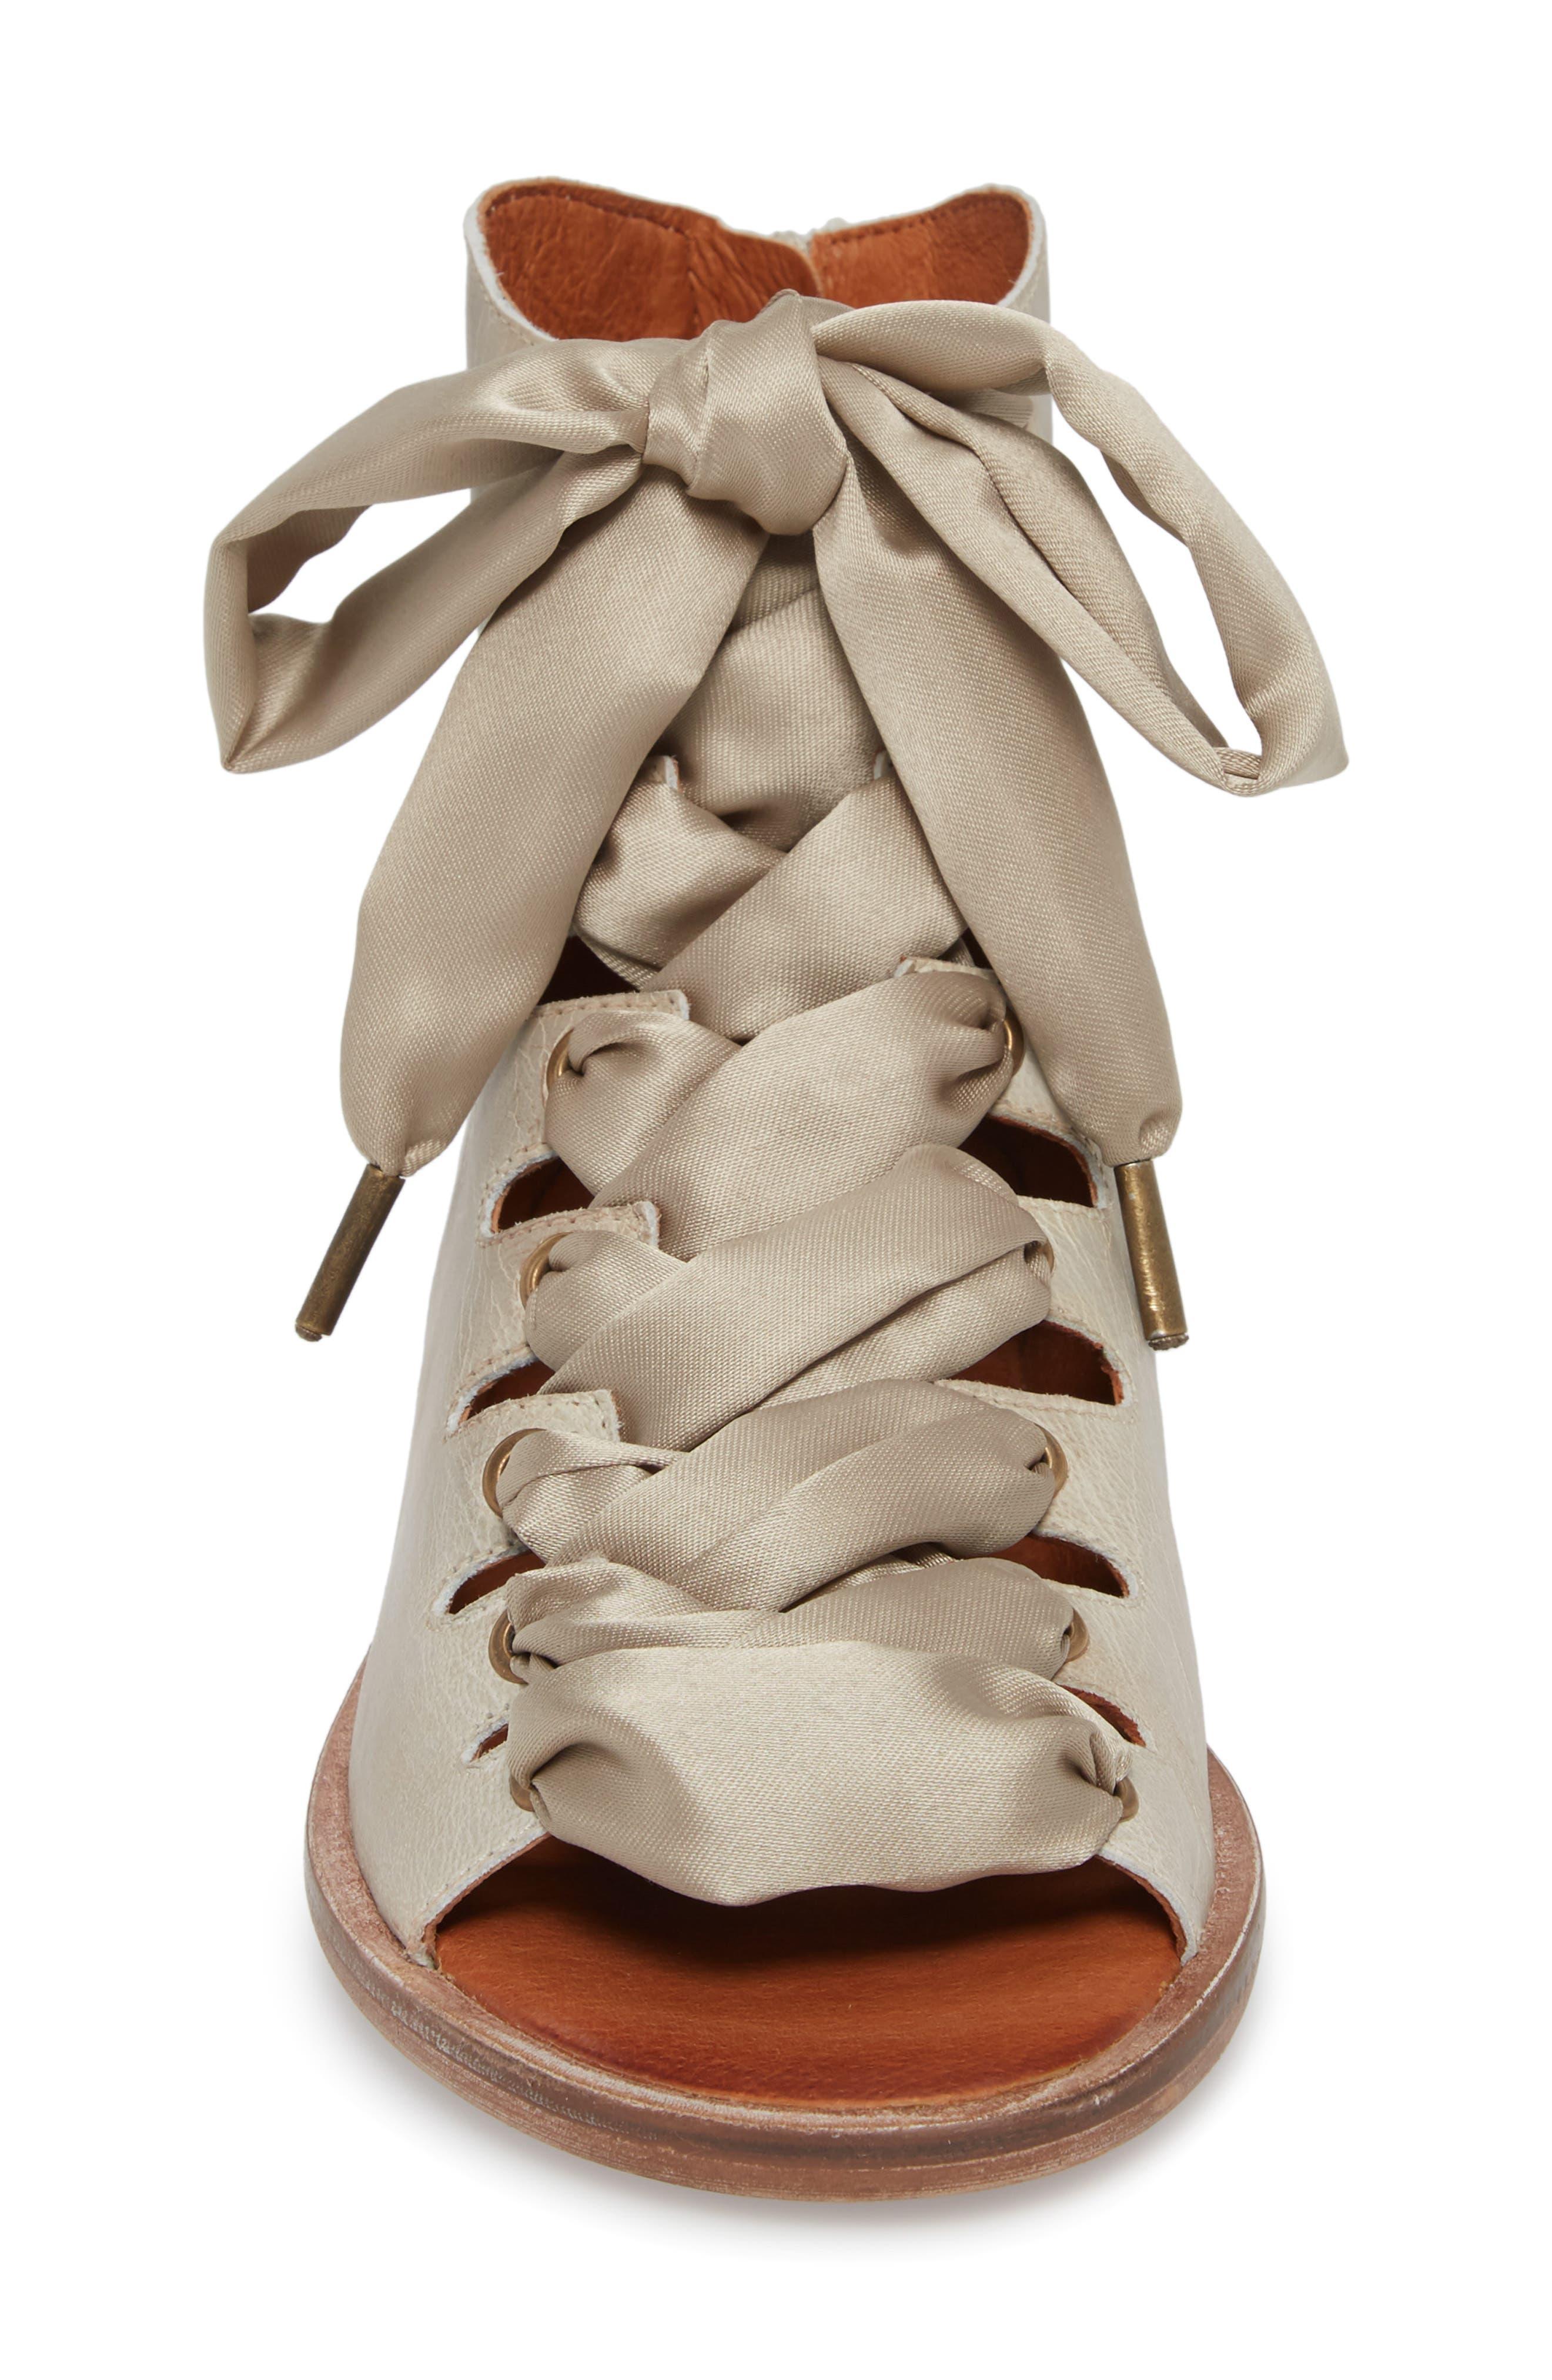 Palms Lace-Up Bootie Sandal,                             Alternate thumbnail 4, color,                             230